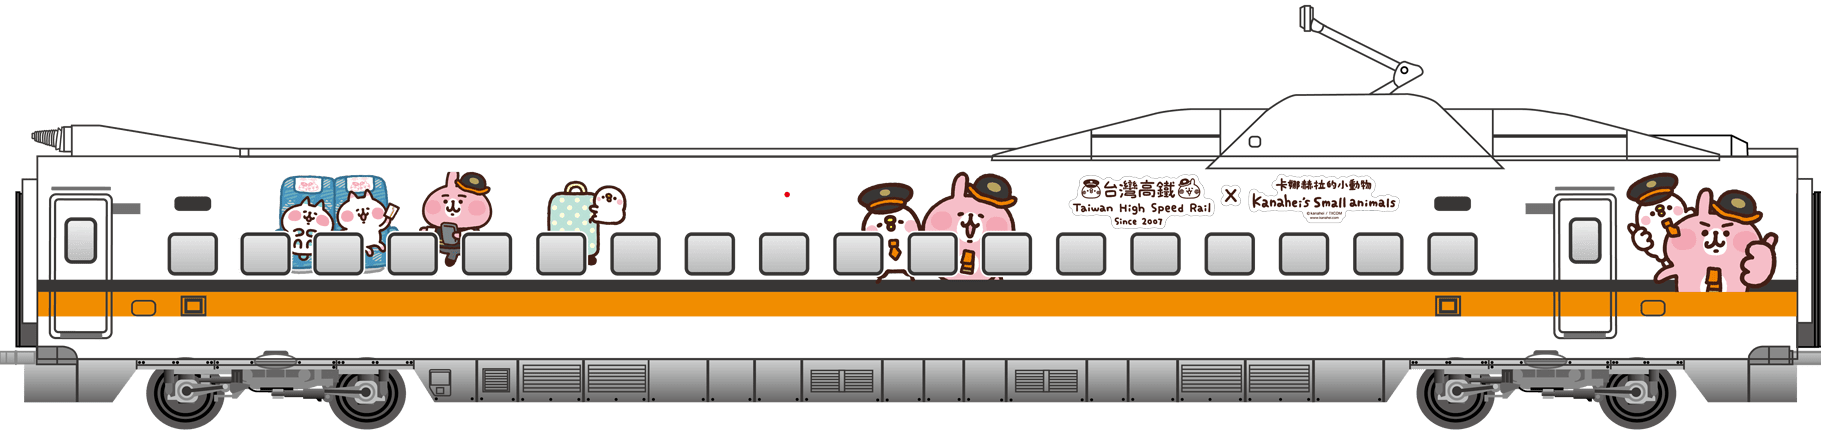 第 9 節車廂